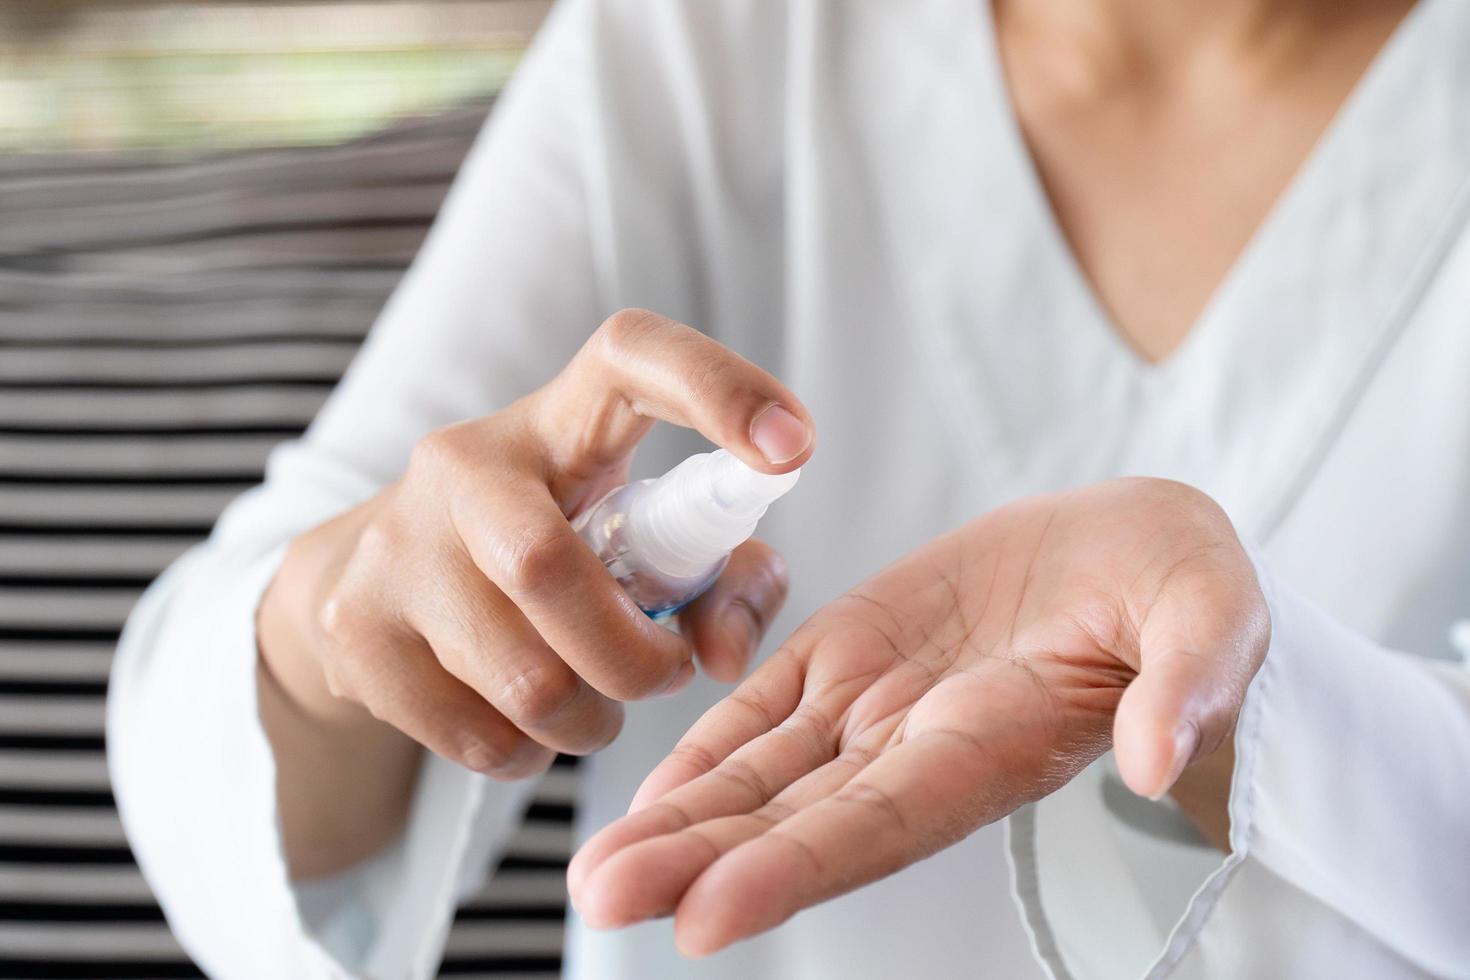 spray igienizzante mani foto